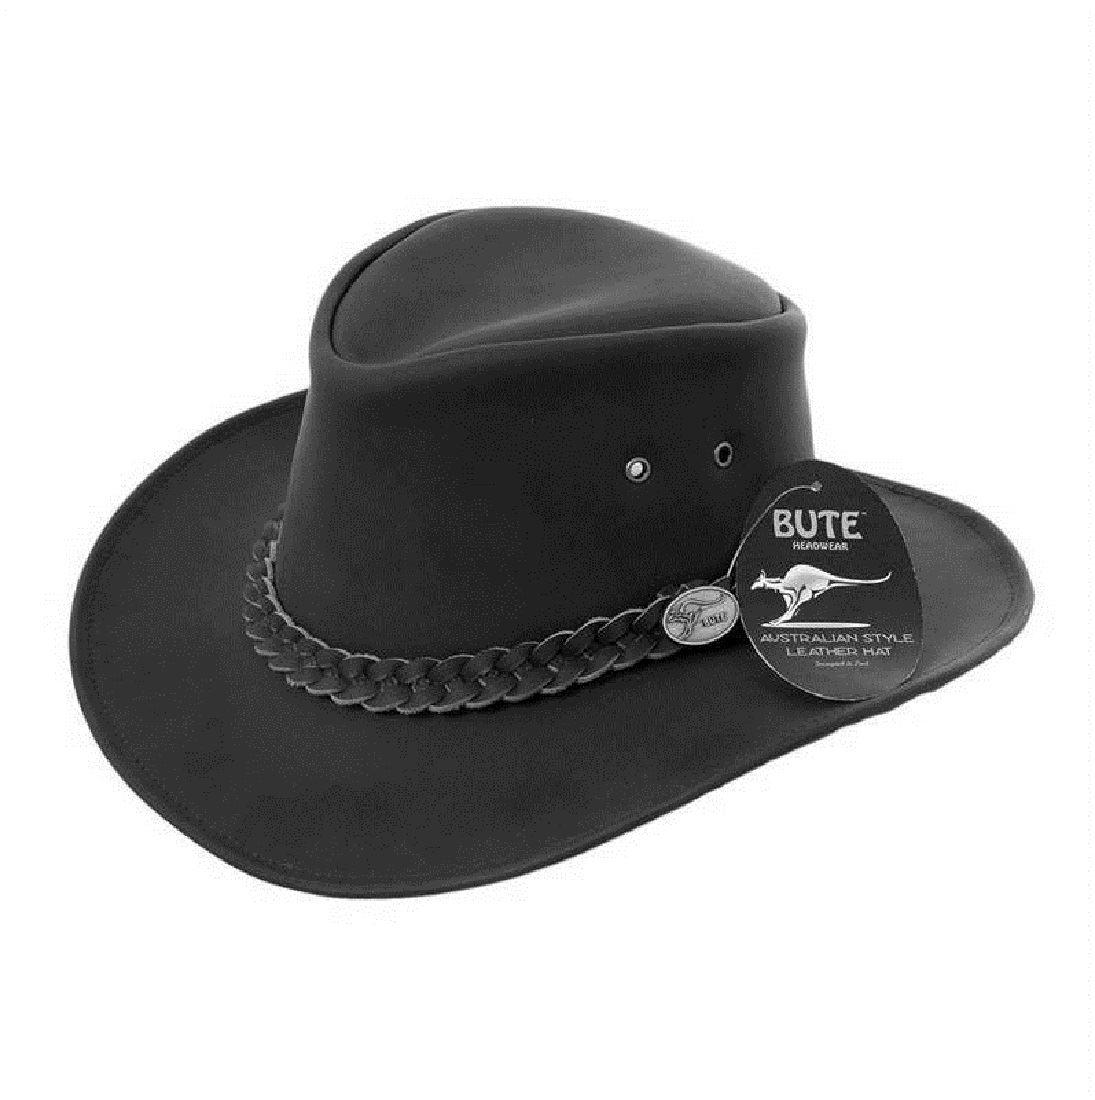 Información sobre el producto. Hola tenemos estos sombreros ... 048e271a986